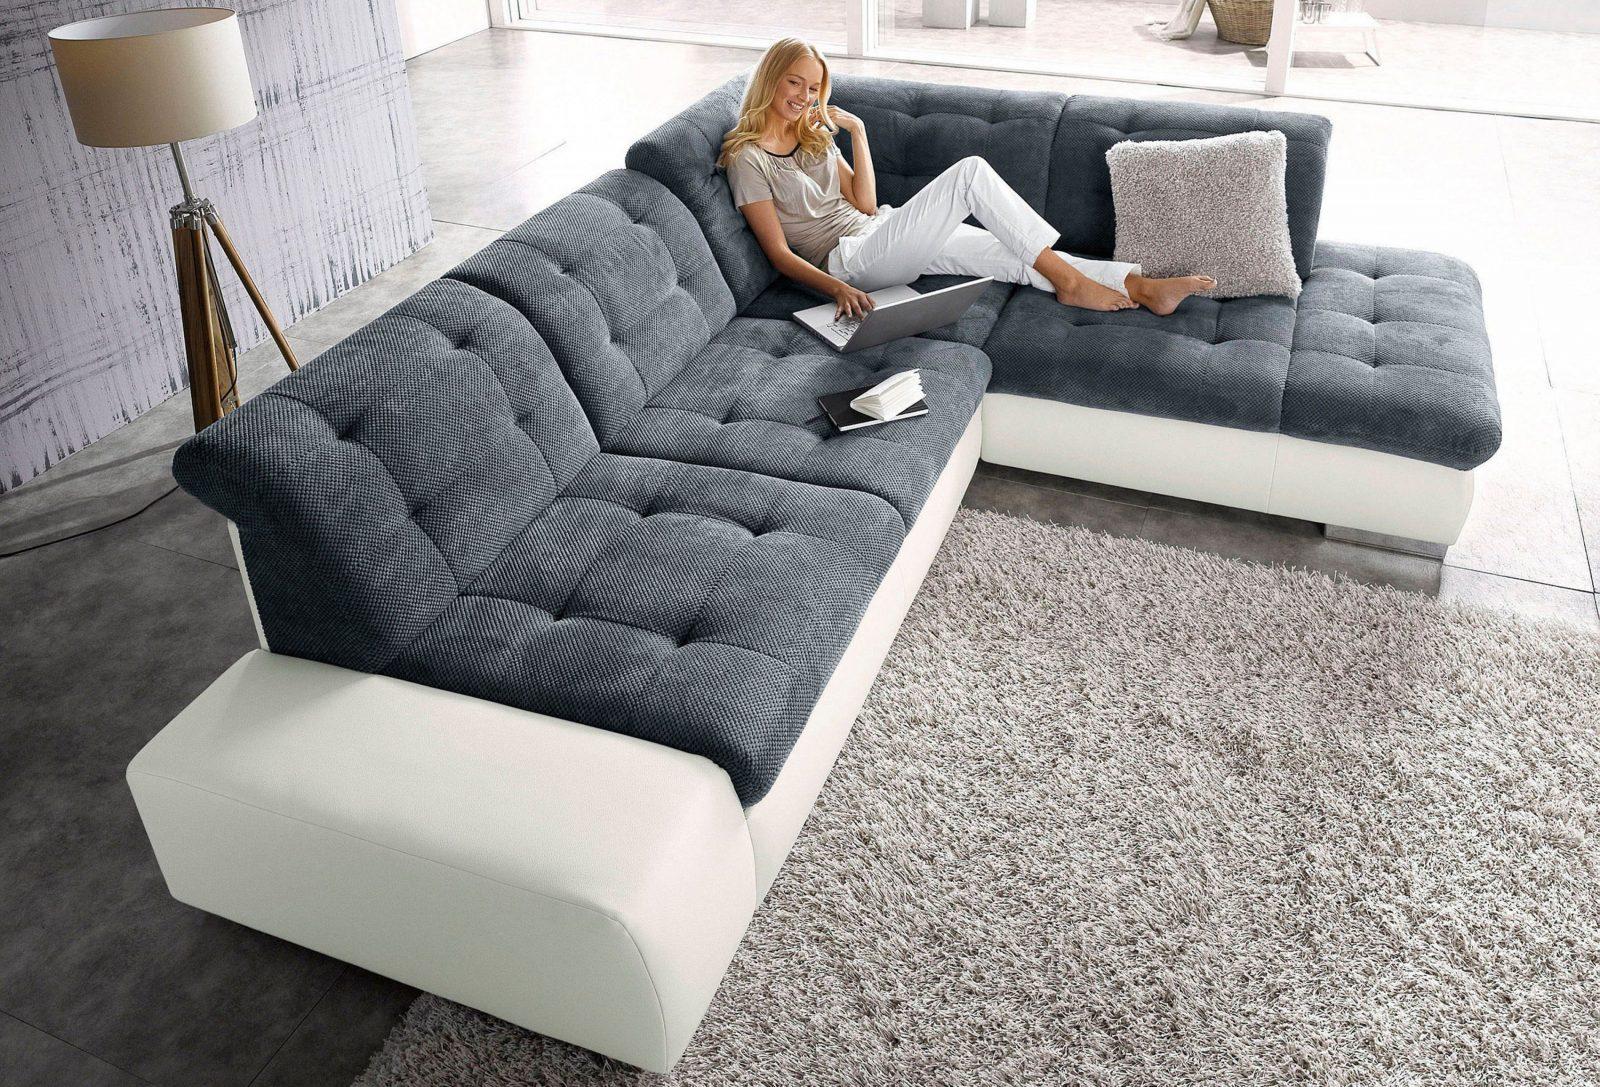 Sit&more Polsterecke Wahlweise Mit Bettfunktion Bestellen  Baur von Sit And More Polsterecke Bild